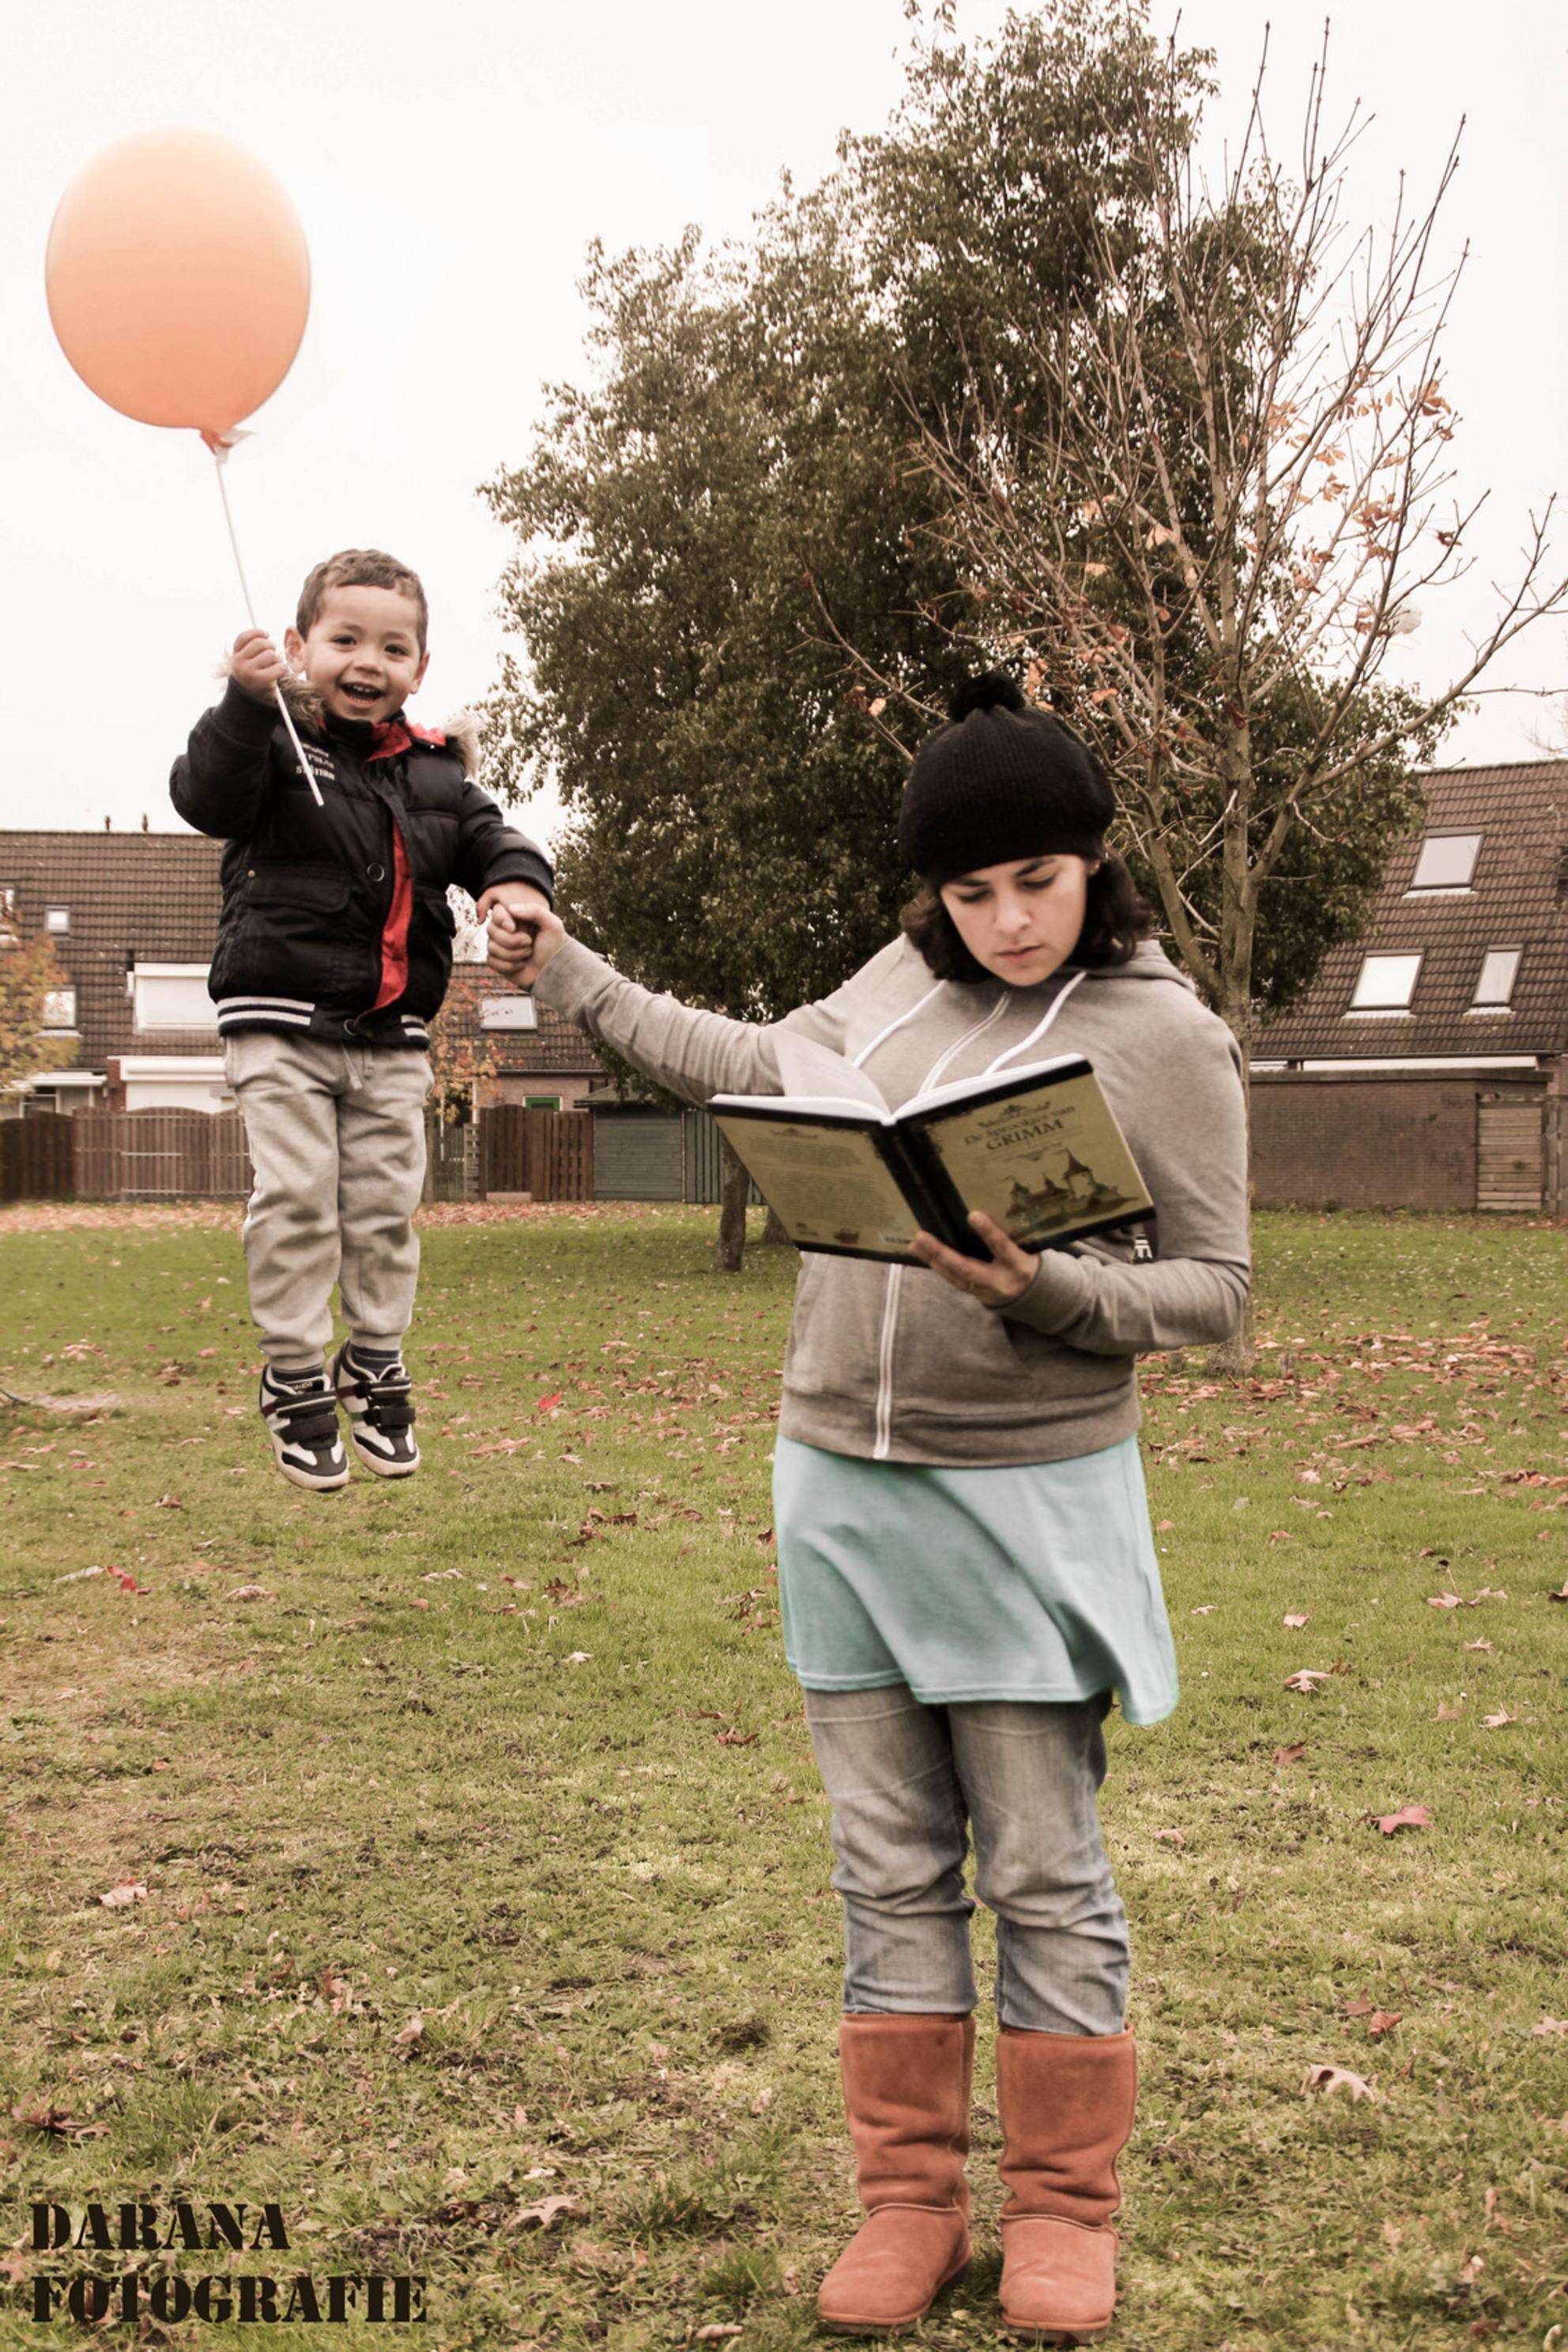 wat een weertje - Eerste poging  zelfportret met mijn zoontje. www.daranafotografie.nl - foto door darana op 29-11-2013 - deze foto bevat: vlieg, herfst, wind, kind, darana, ballon zweef